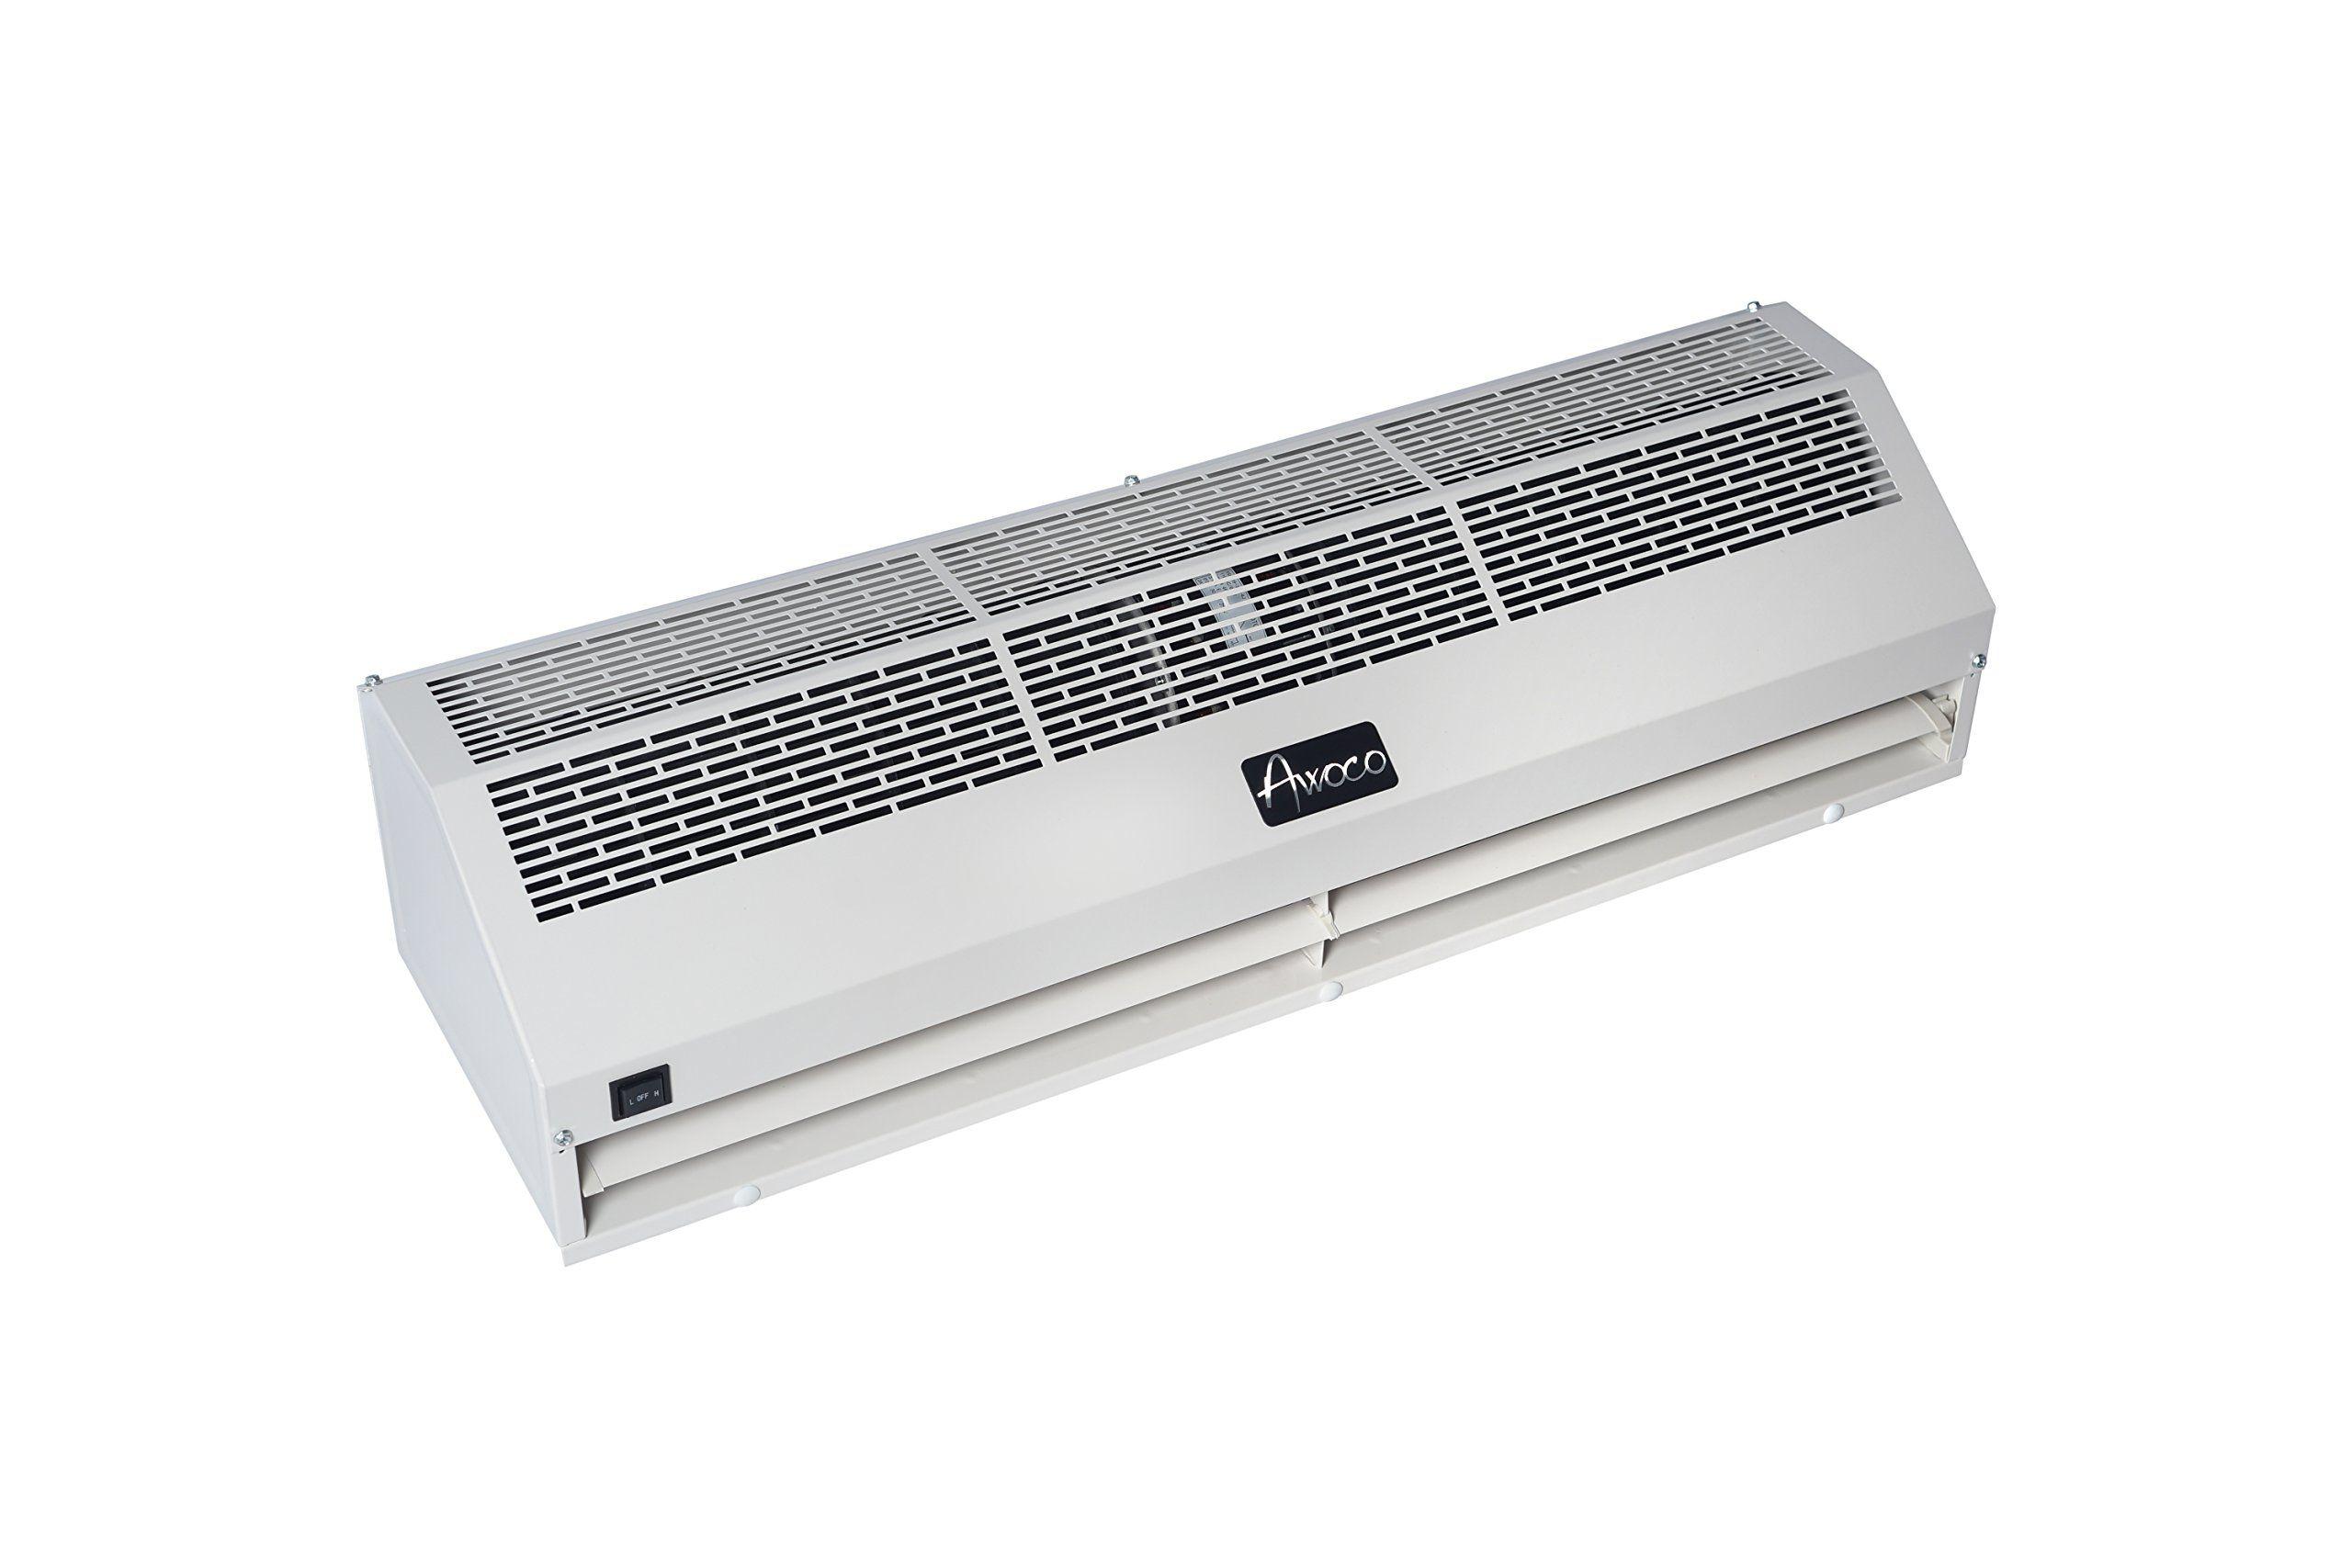 Awoco 36 Super Power 1400 CFM 2 Speeds Commercial Indoor